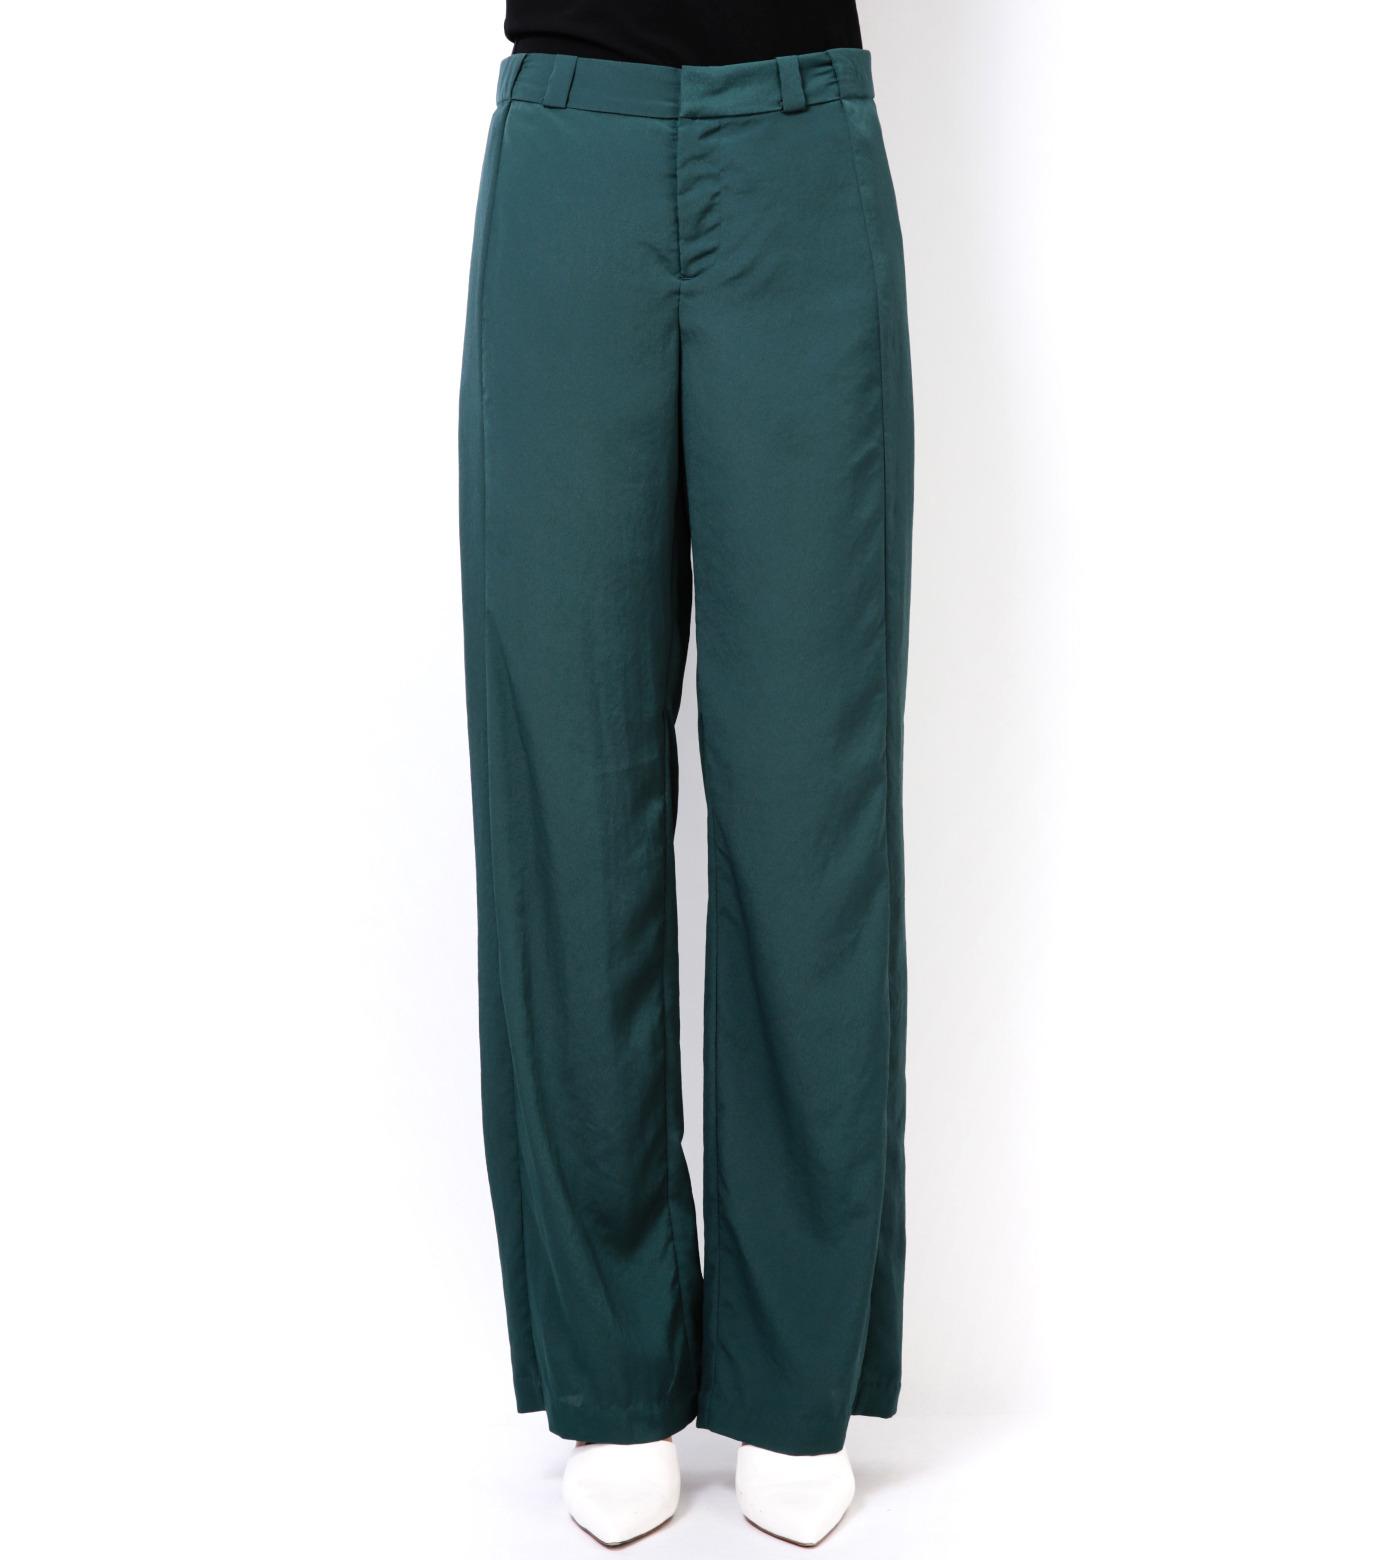 LE CIEL BLEU(ルシェルブルー)のWide Straight Pants-GREEN(パンツ/pants)-14A68006 拡大詳細画像2